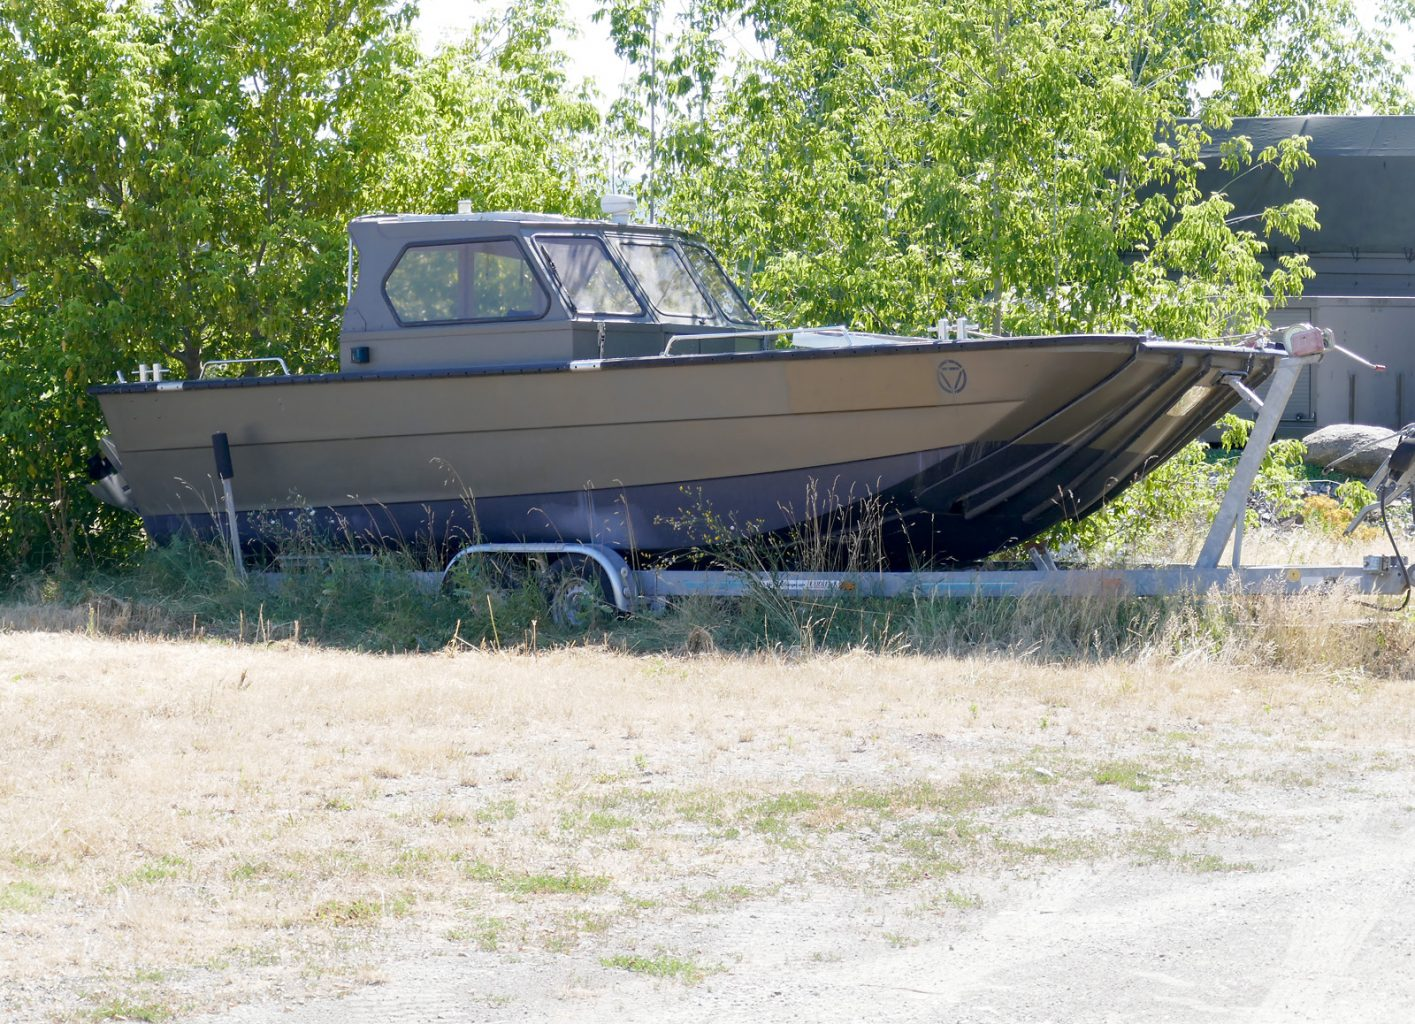 Prüf- und Messboot BULLITT PT des ARWT/PT - Amt für Rüstung und Wehrtechnik - Pioniertechnik © Doppeladler.com